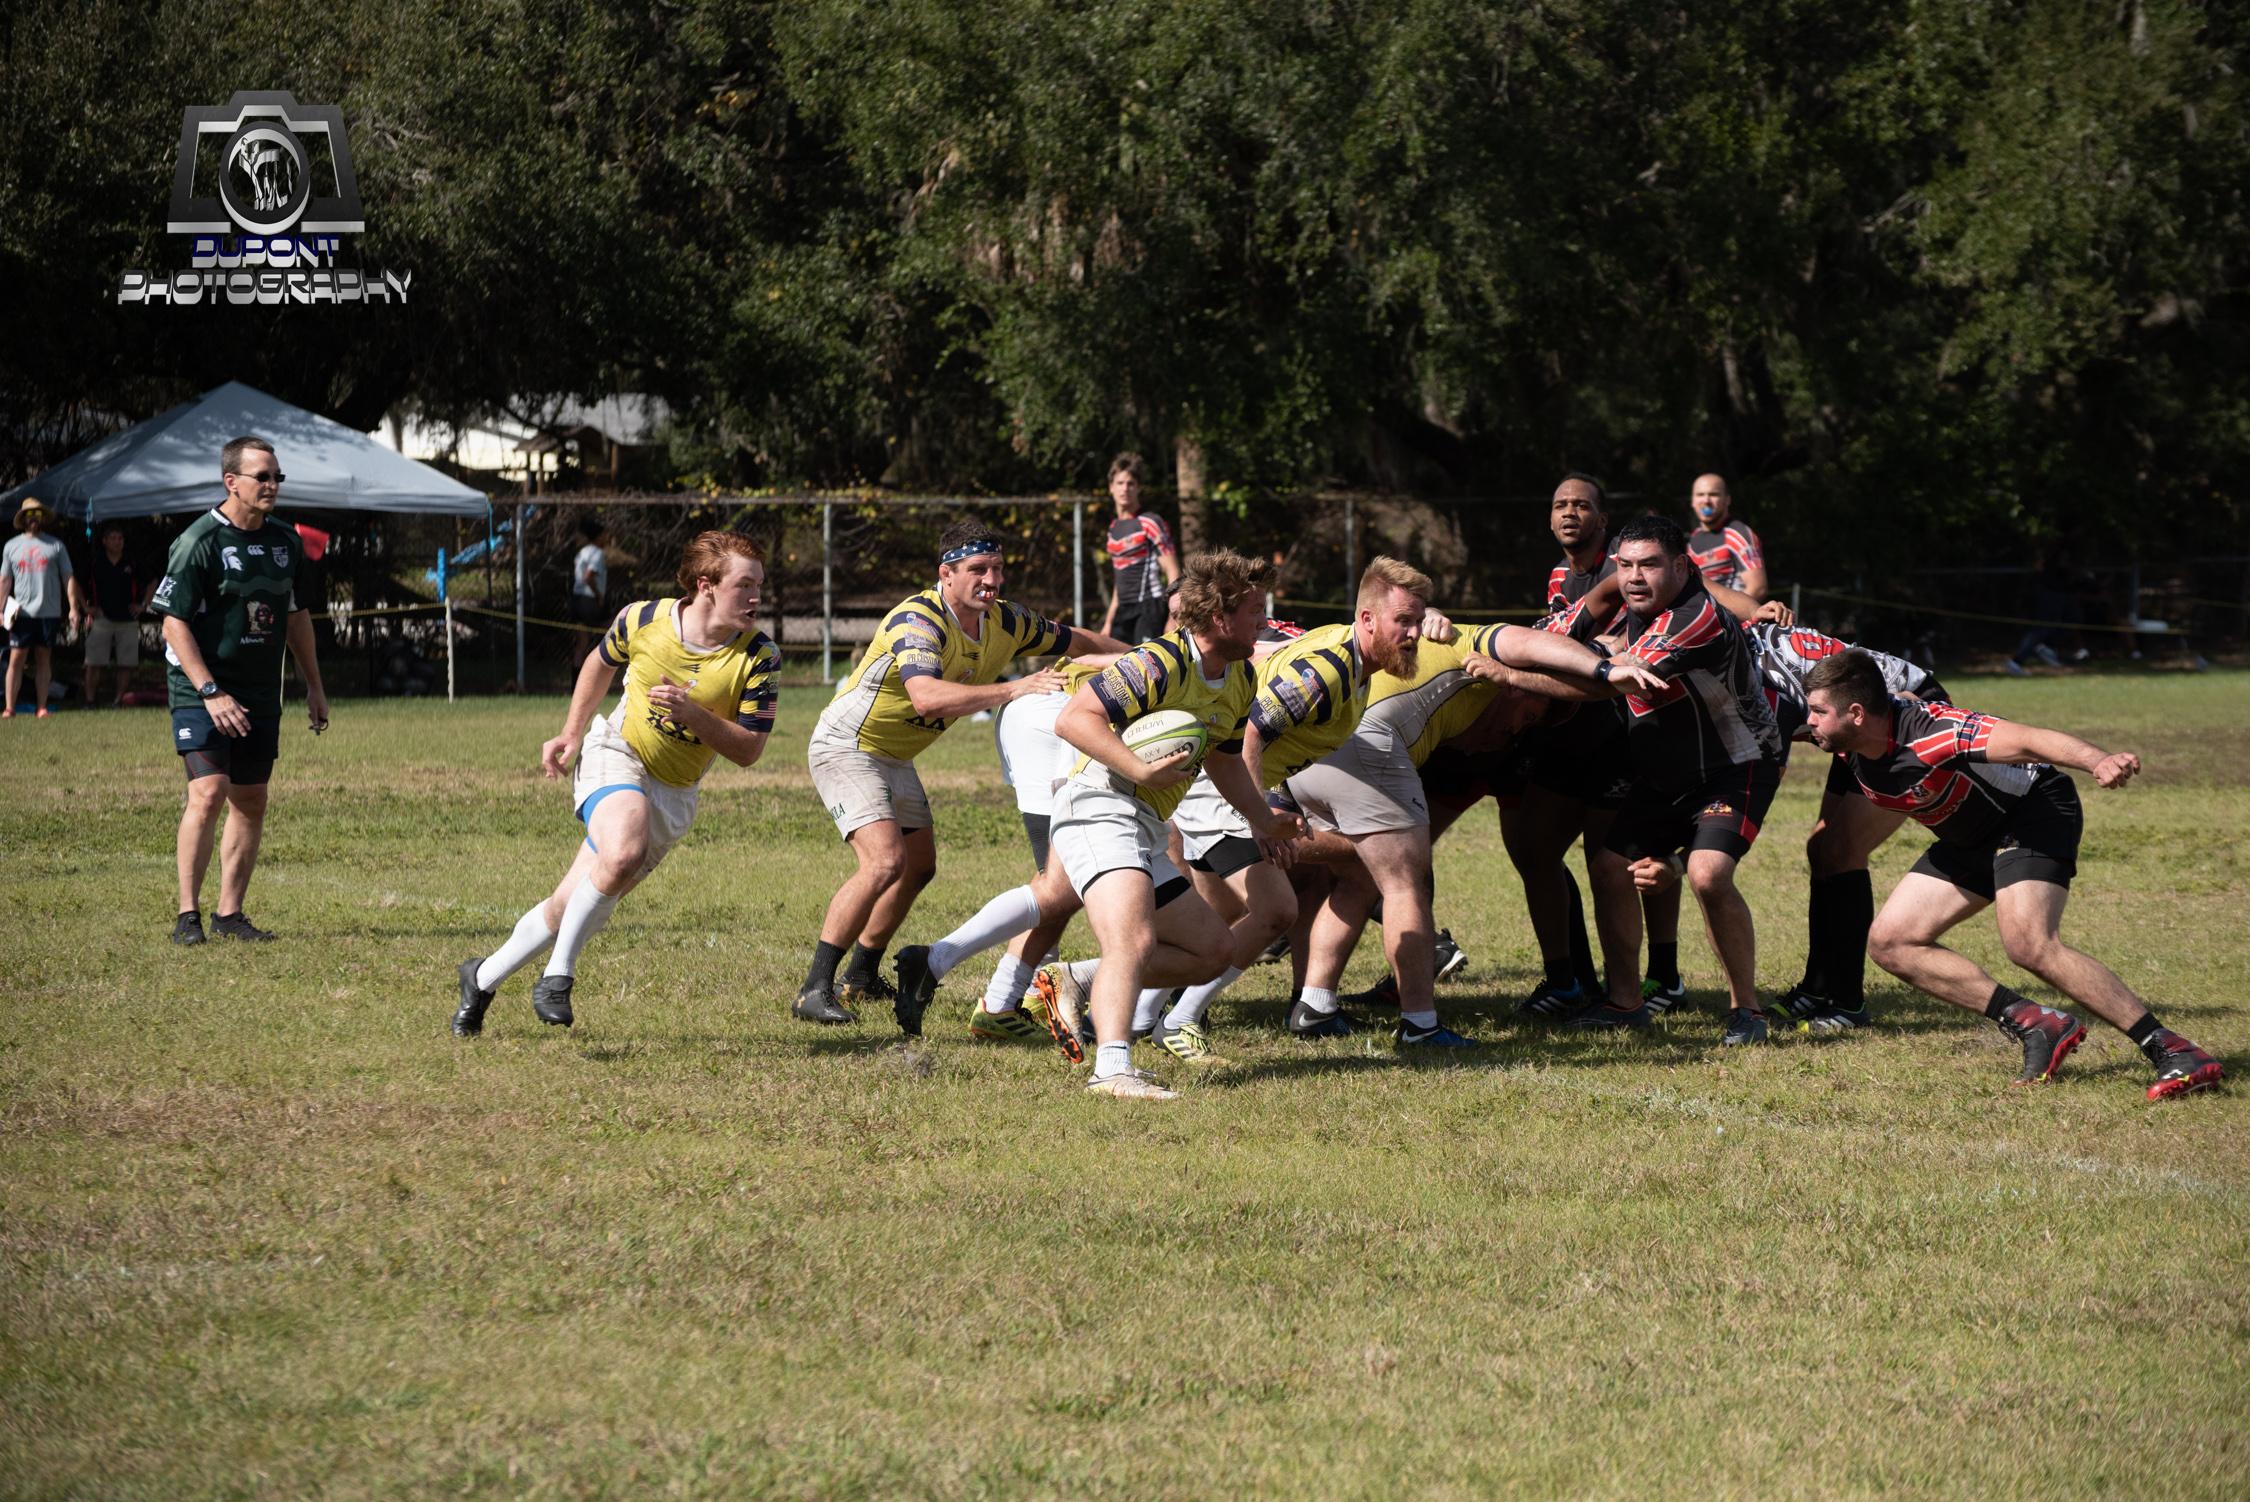 2019-01-19 Rugby-517-Edit-2.jpg